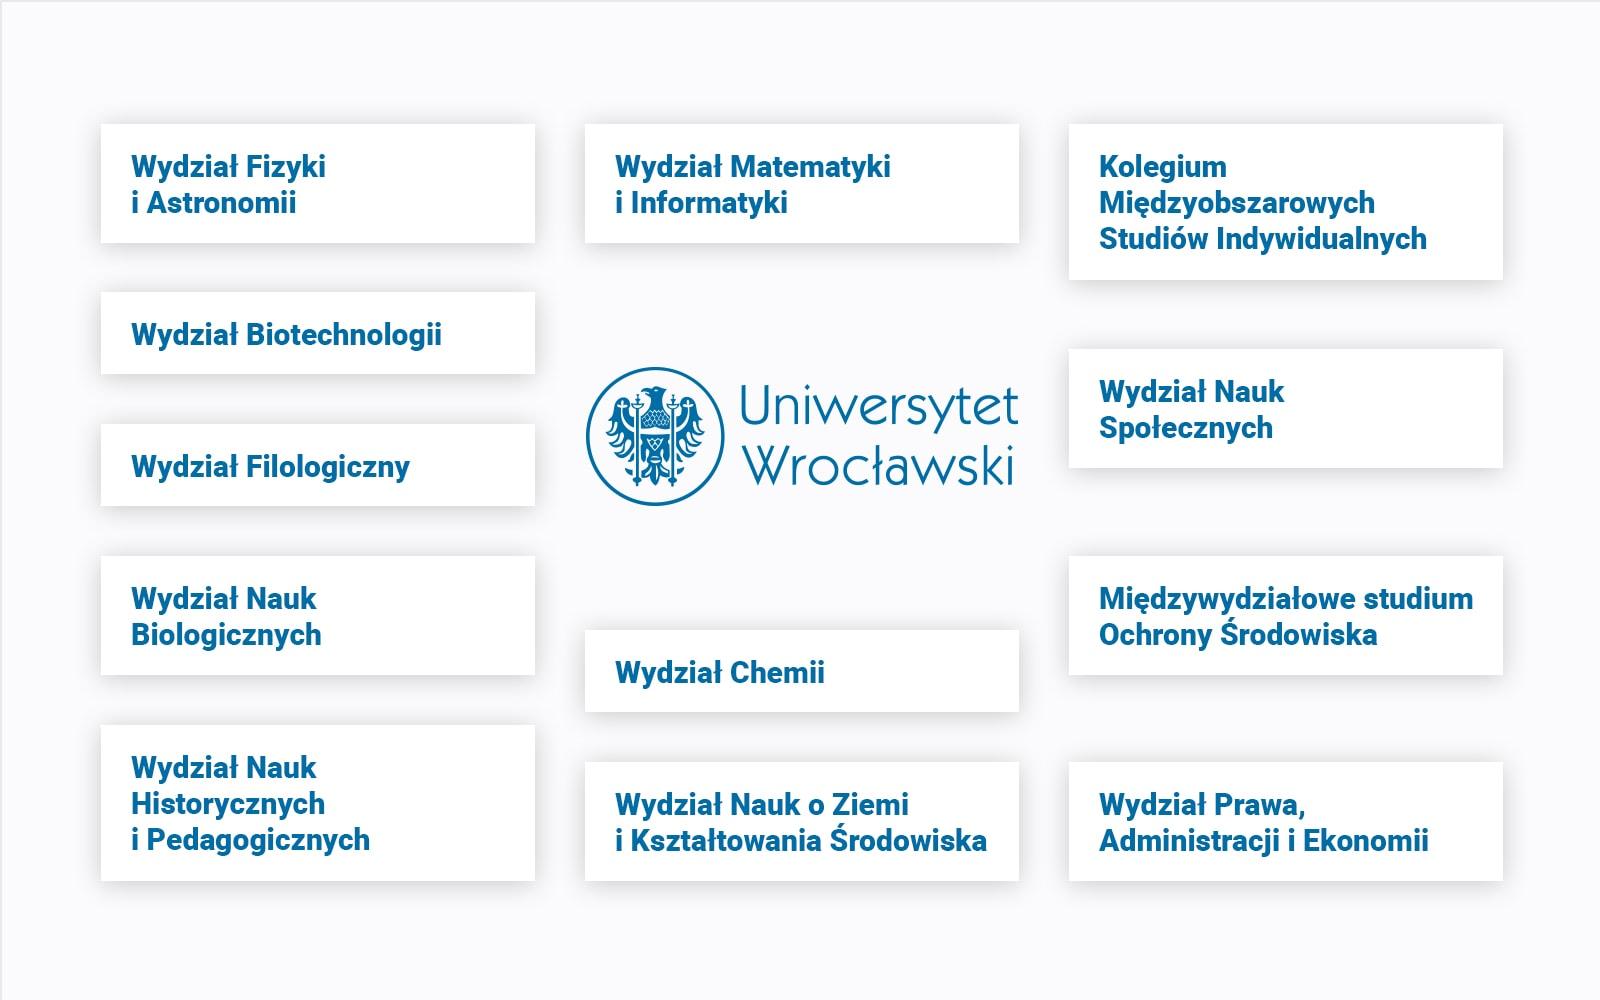 uniwersytet wrocławski wydziały